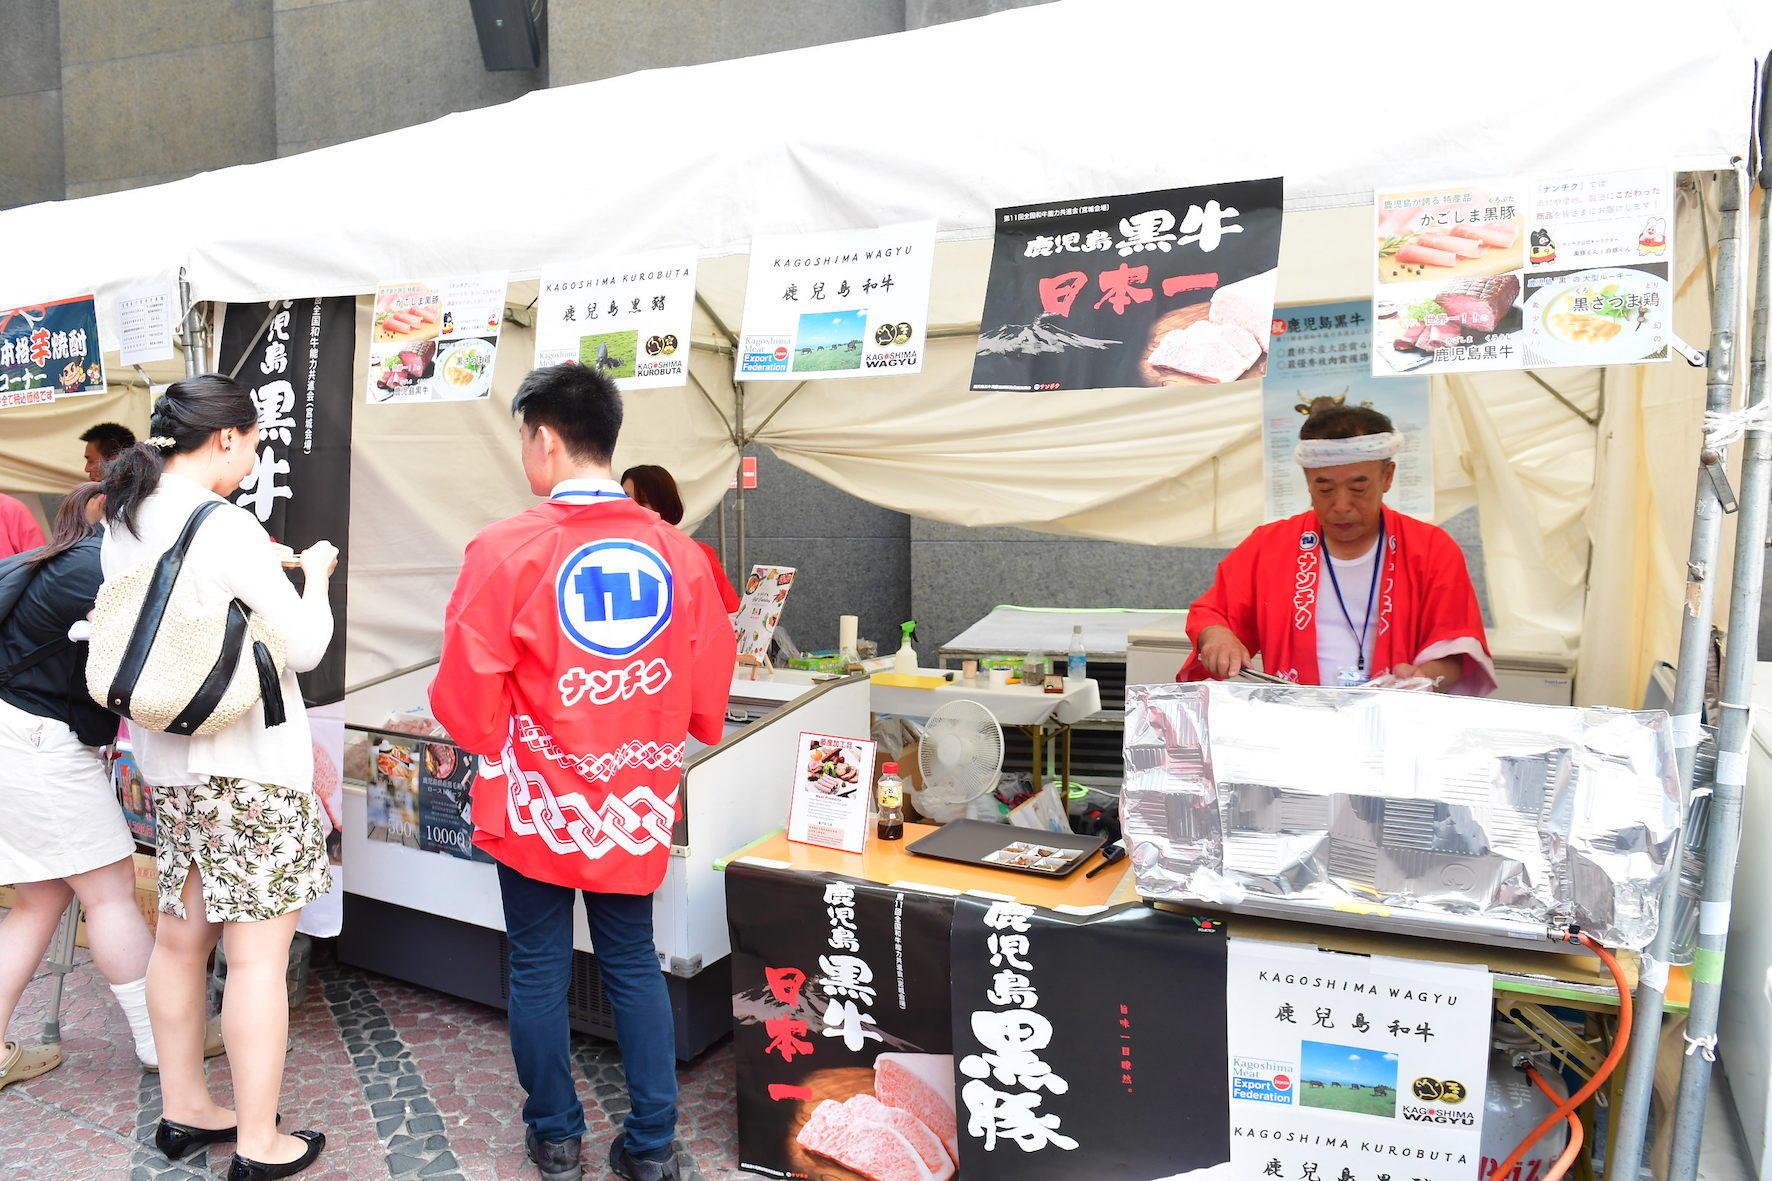 http://news.yoshimoto.co.jp/20180720190356-3adb0b58864753f6a84b2bacdef78fe46d1e92f2.jpg